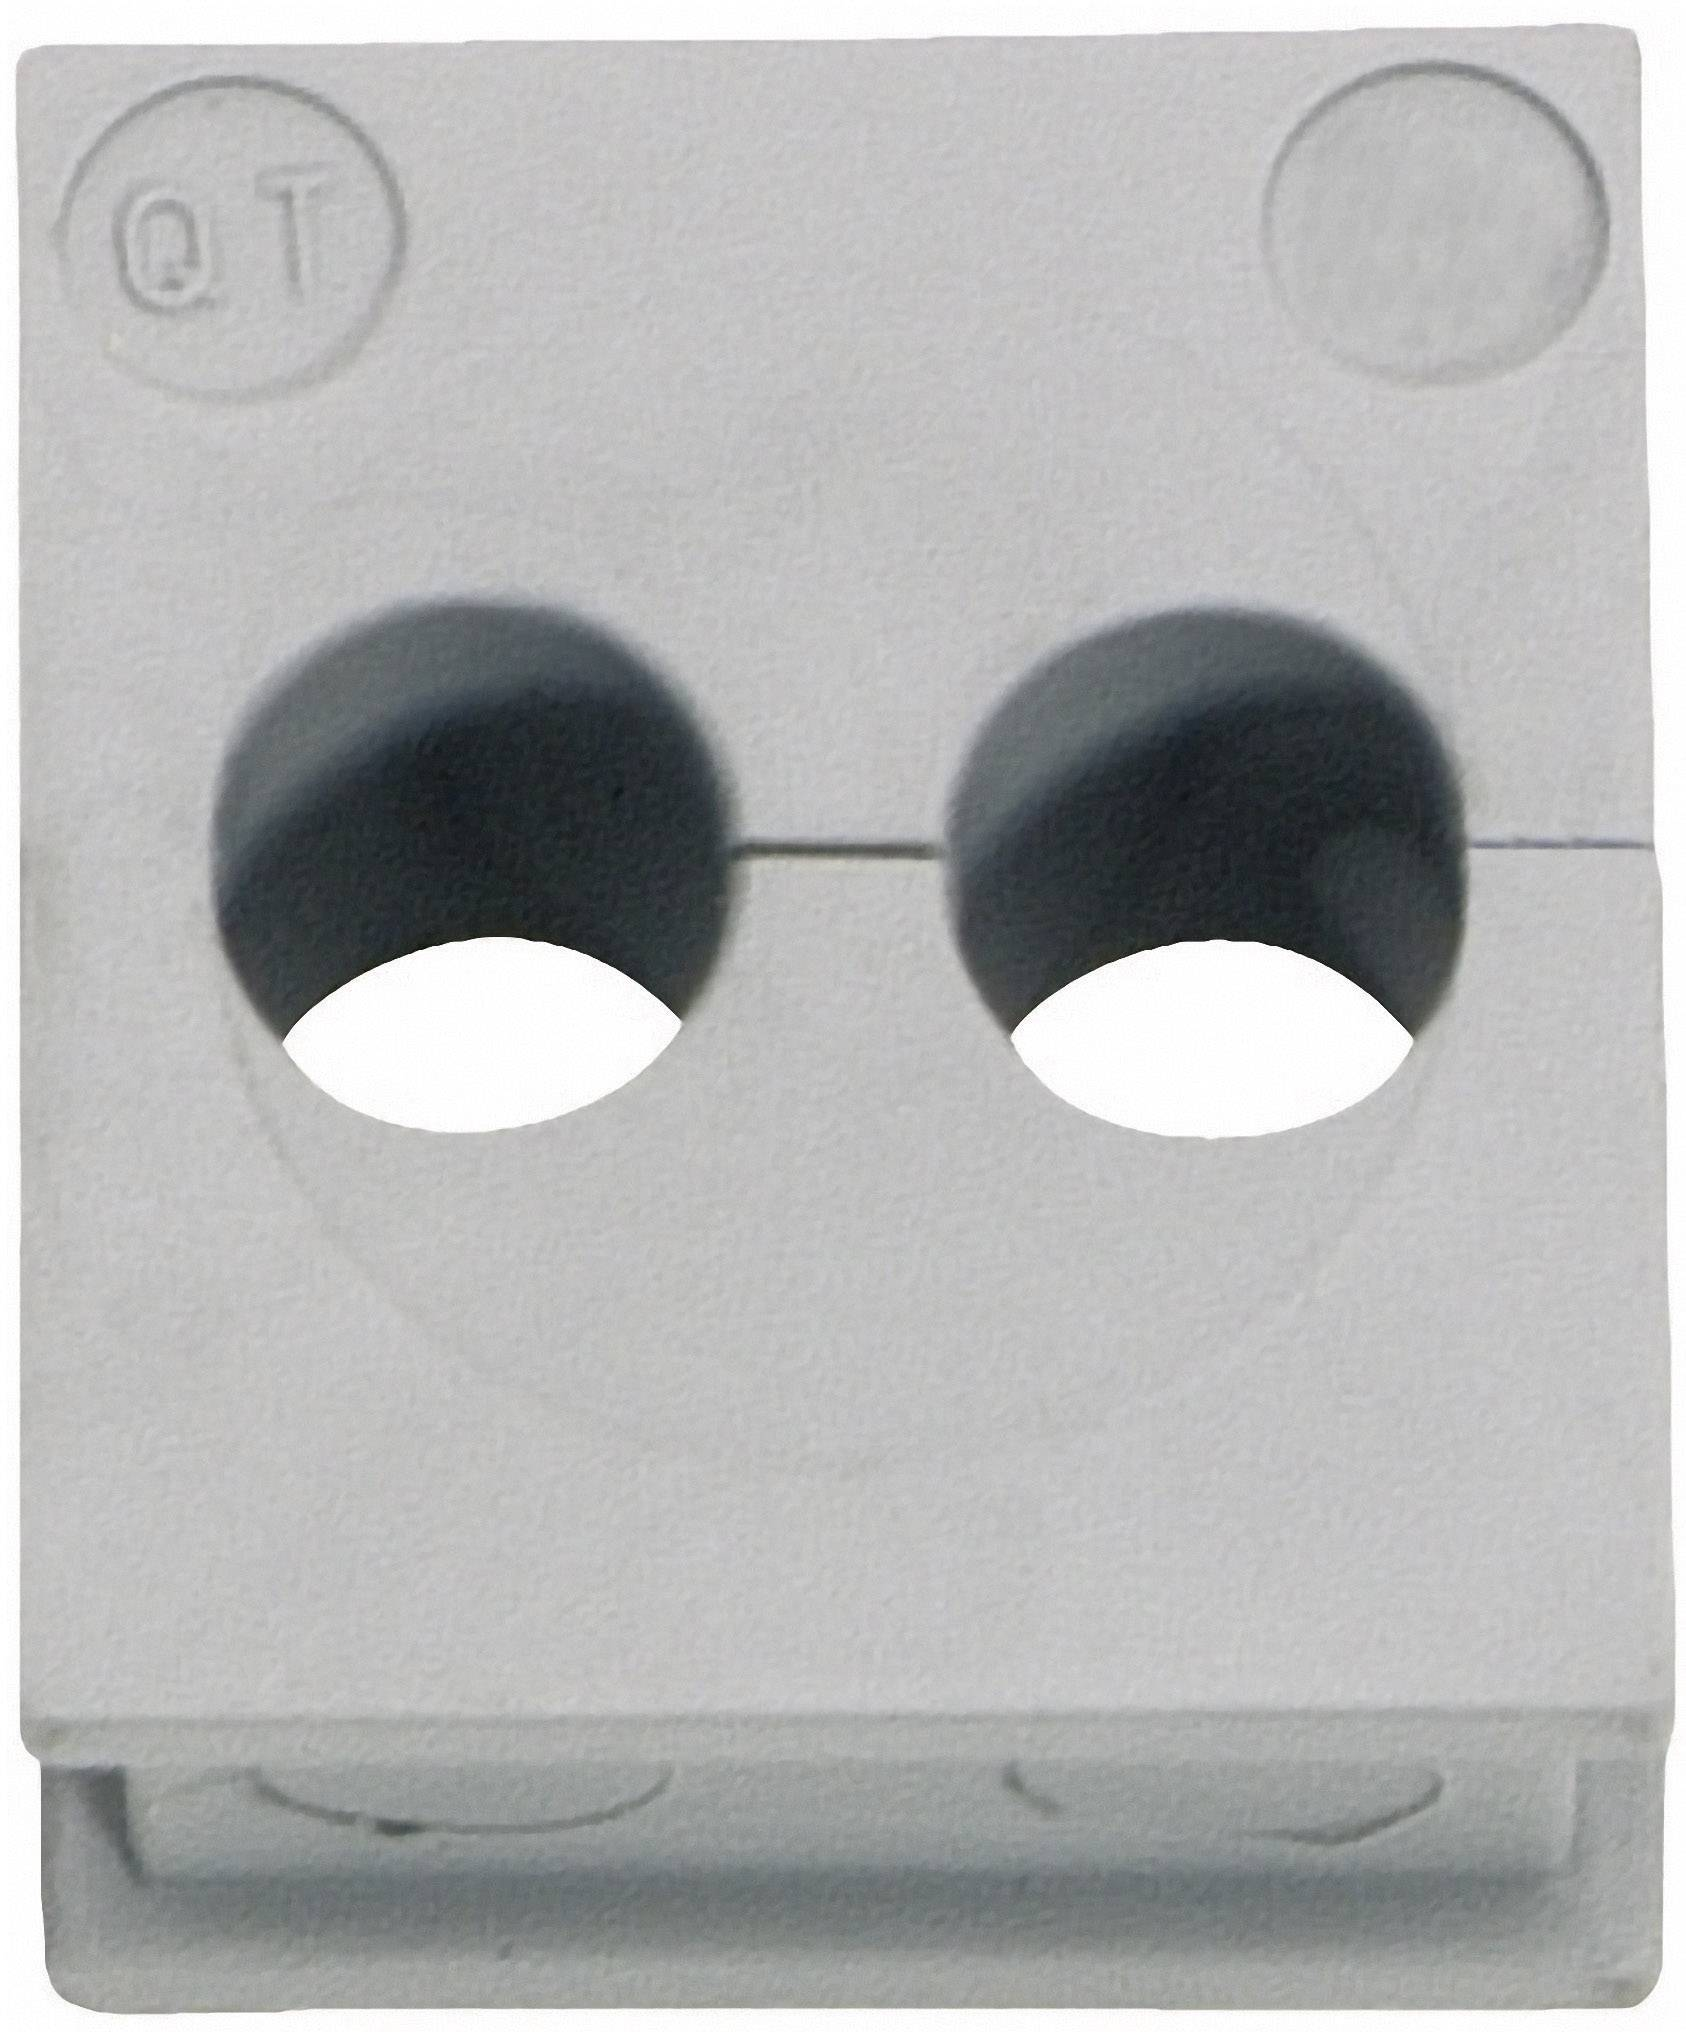 Icotek Kabelska kapa QT QT 2/4 za kabel- 2 x 4 mm, elastomer, siva